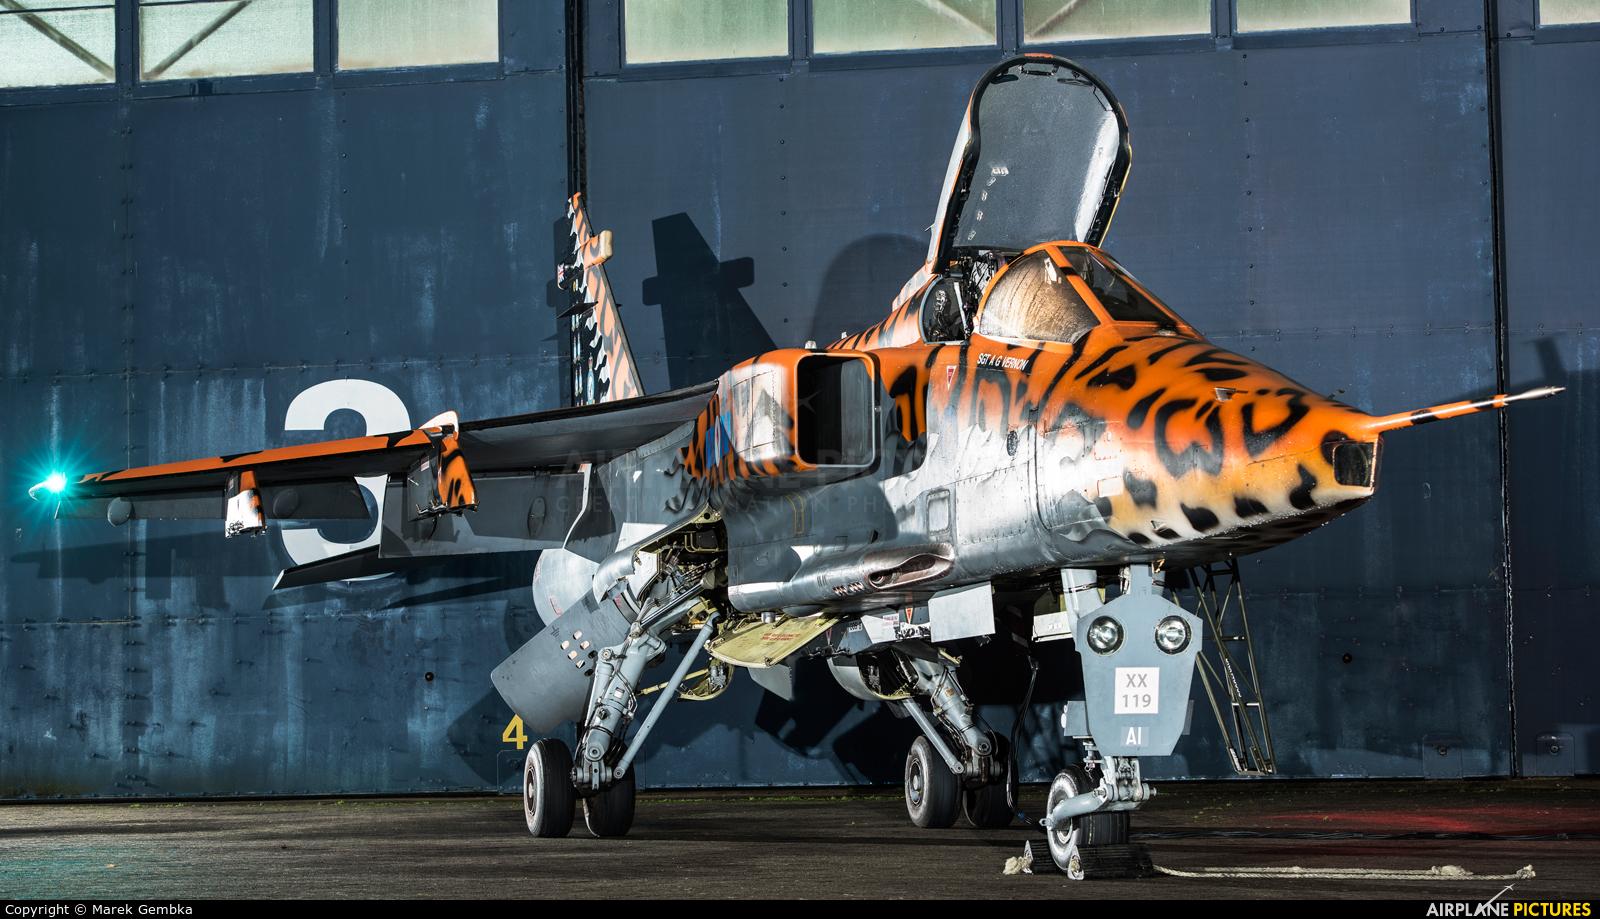 Royal Air Force XX119 aircraft at Cosford